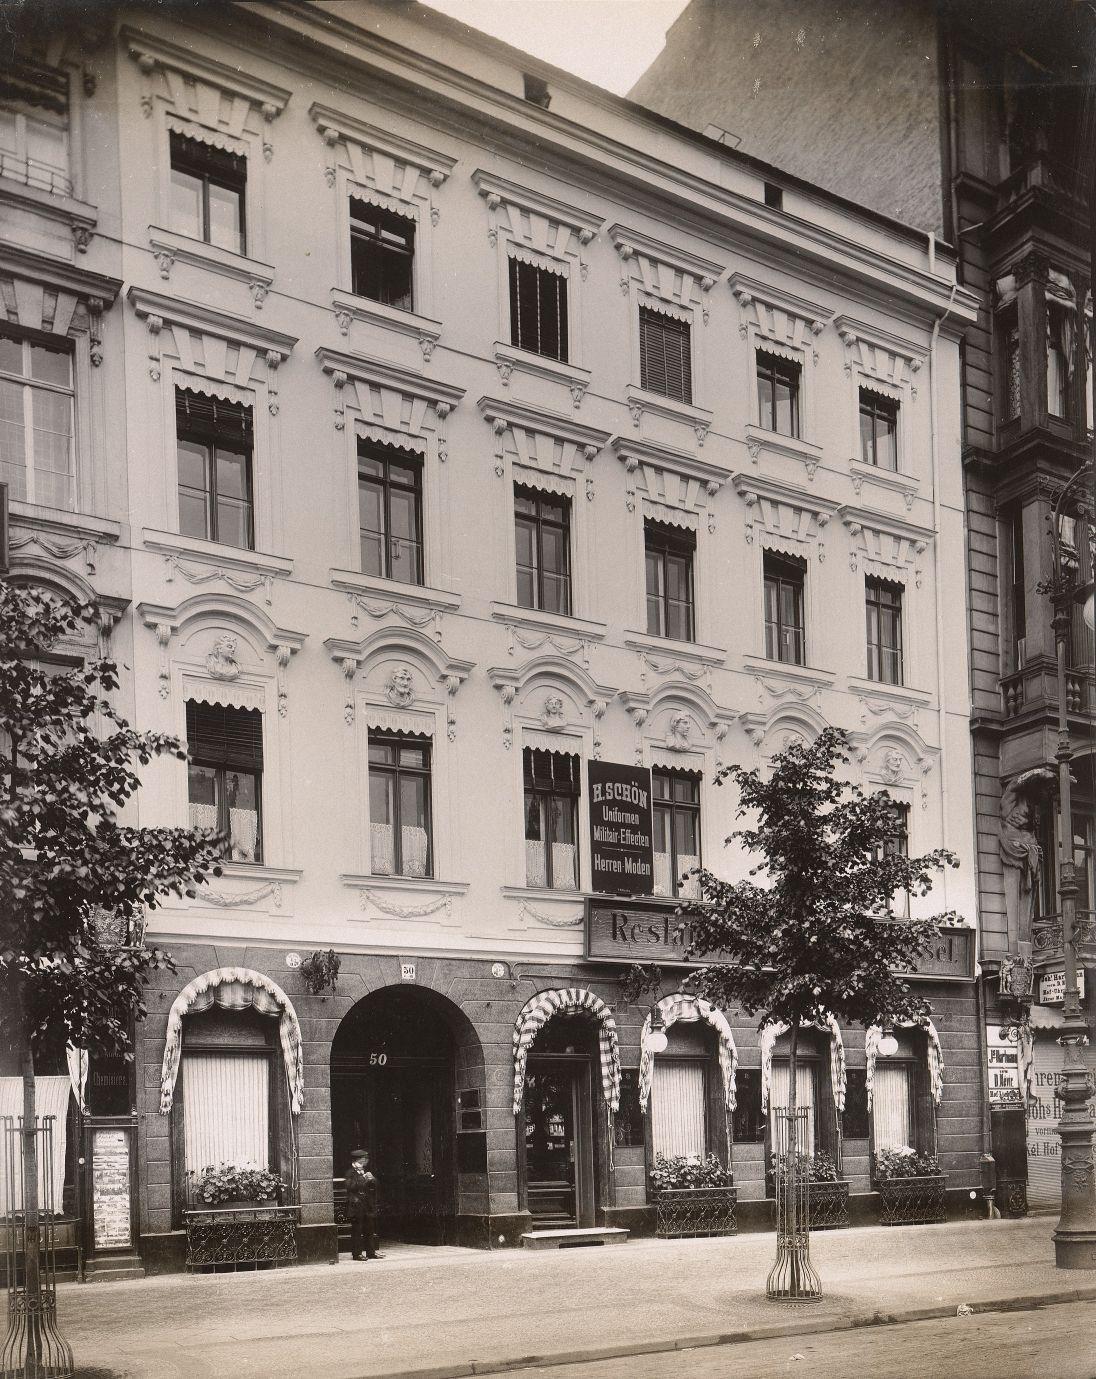 georg christian unger 1743 1799 wohnhaus unter den linden 50 berlin mitte aus julius kohte. Black Bedroom Furniture Sets. Home Design Ideas